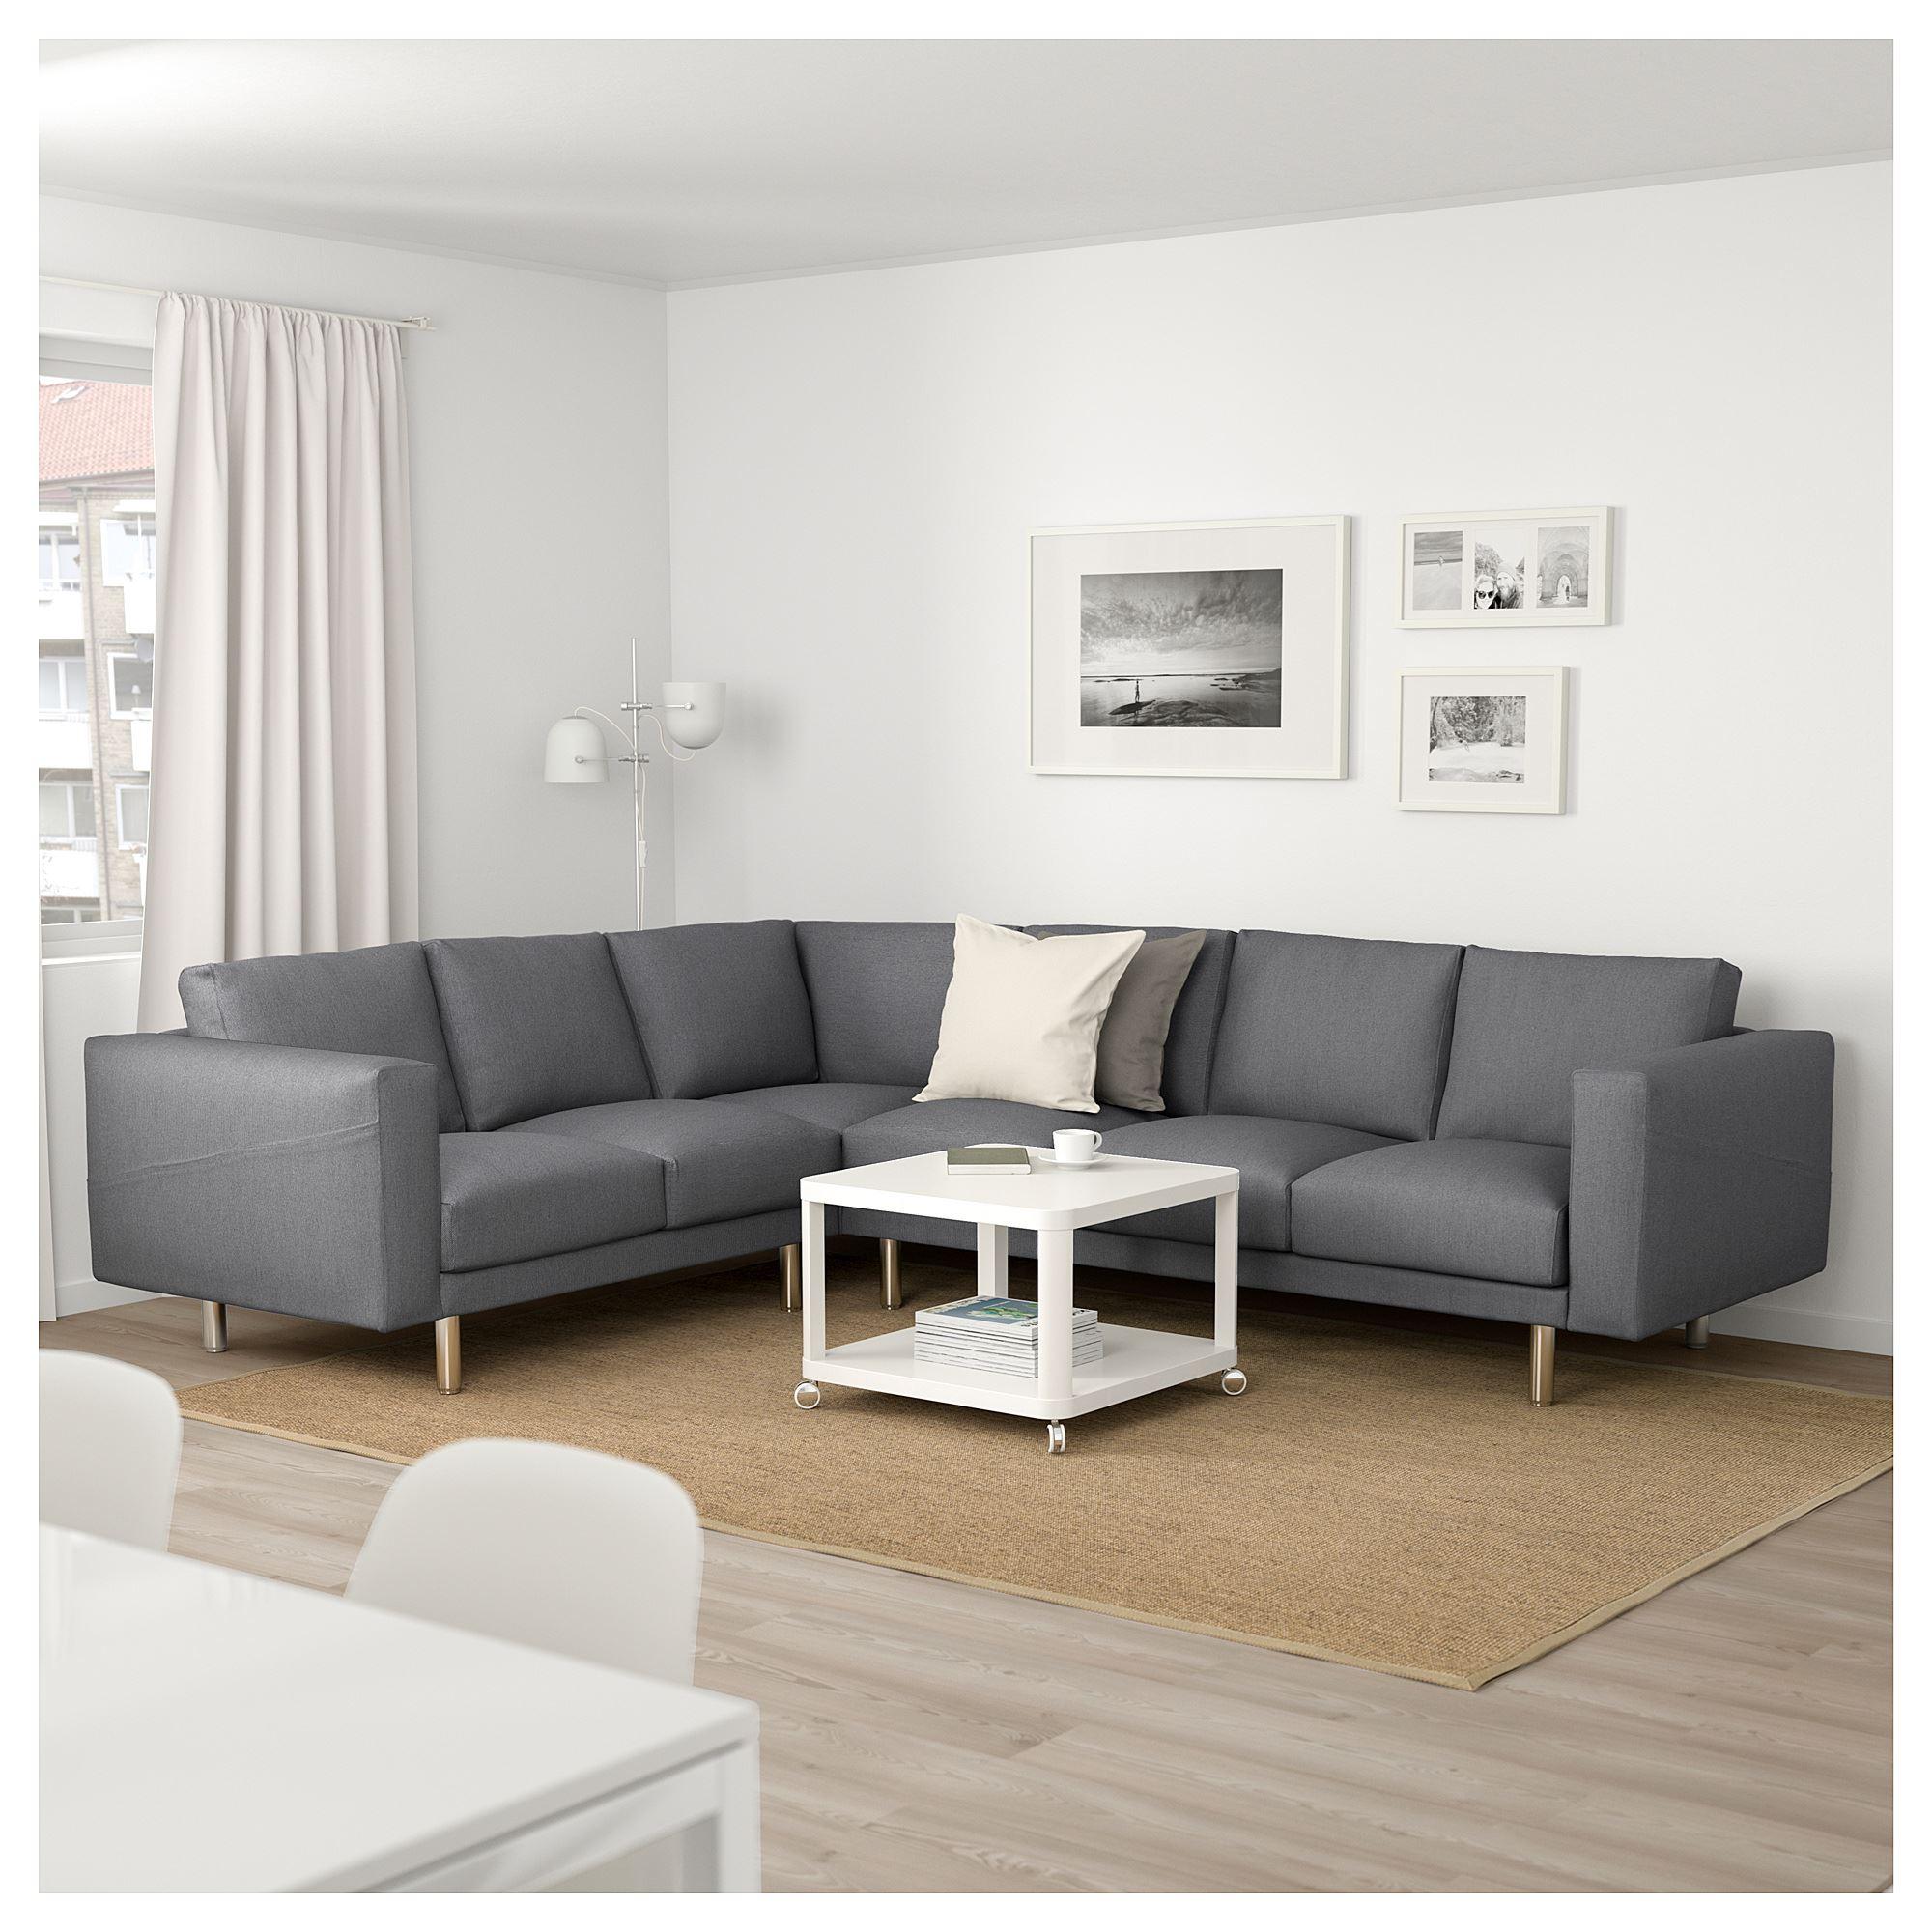 Norsborg 6 Seat Corner Sofa Finnsta Dark Grey Grey Ikea